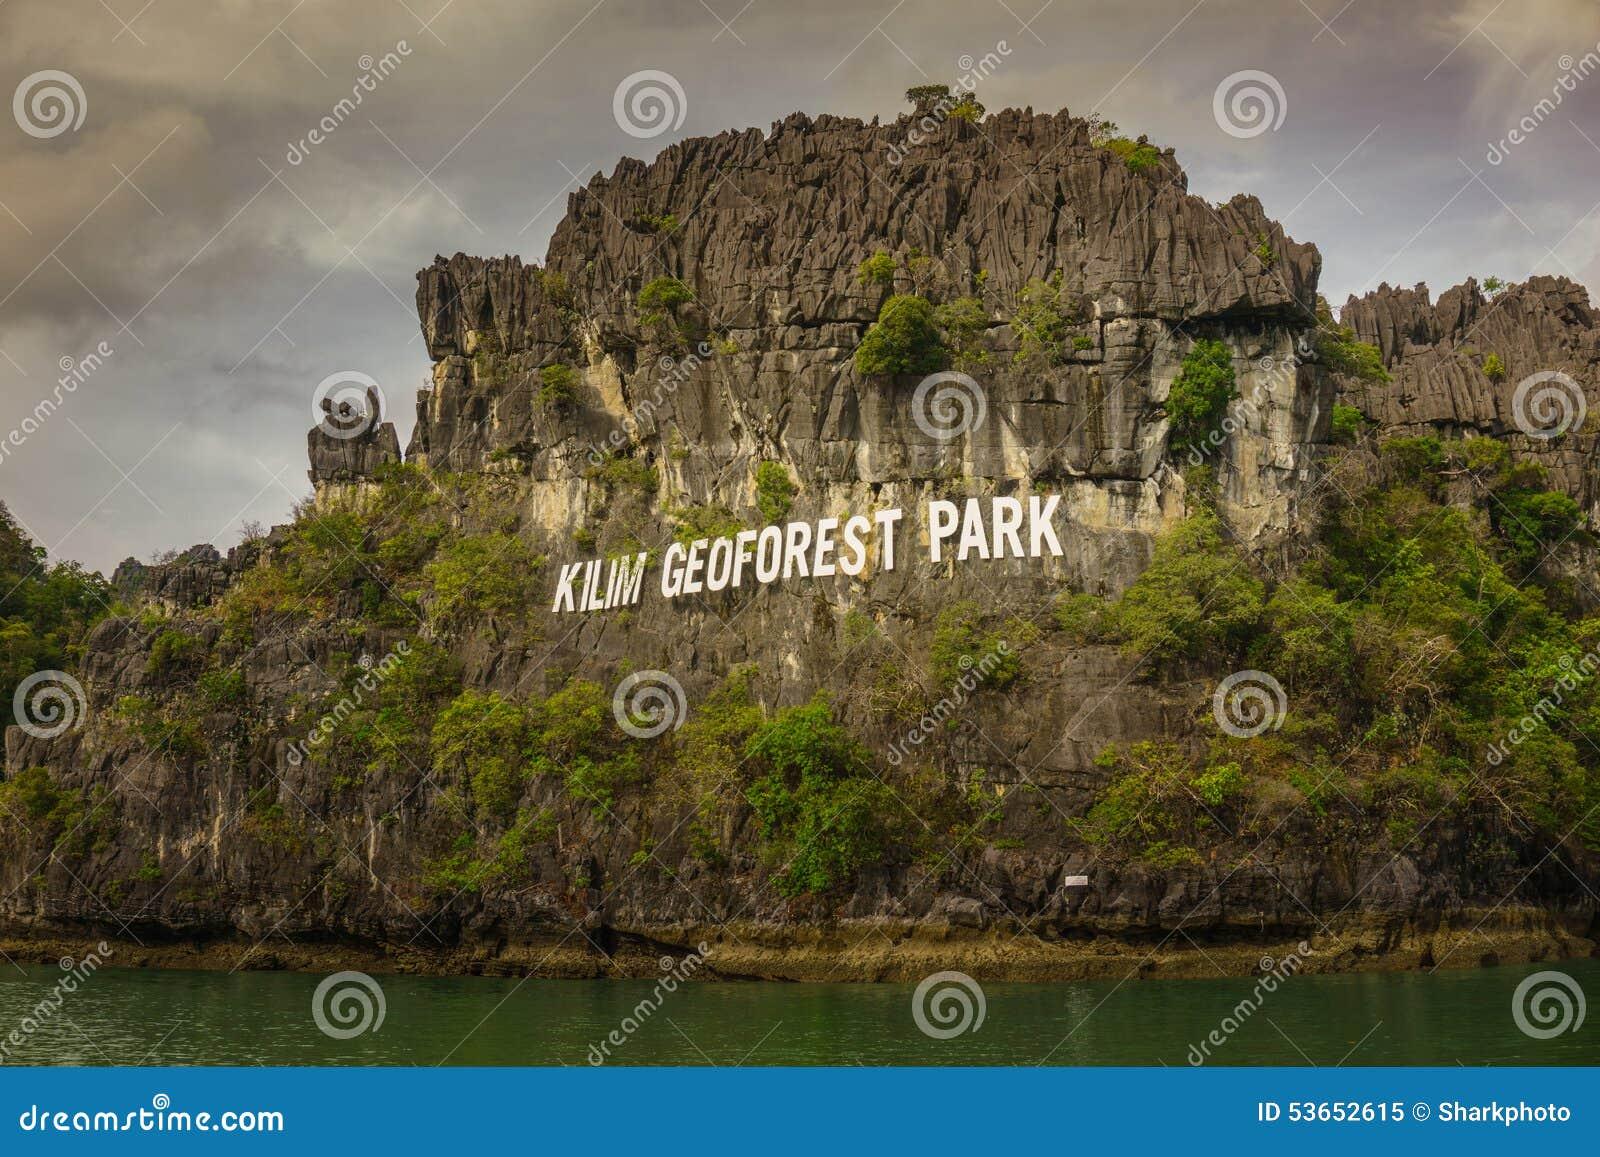 KLIM Geoforest Park